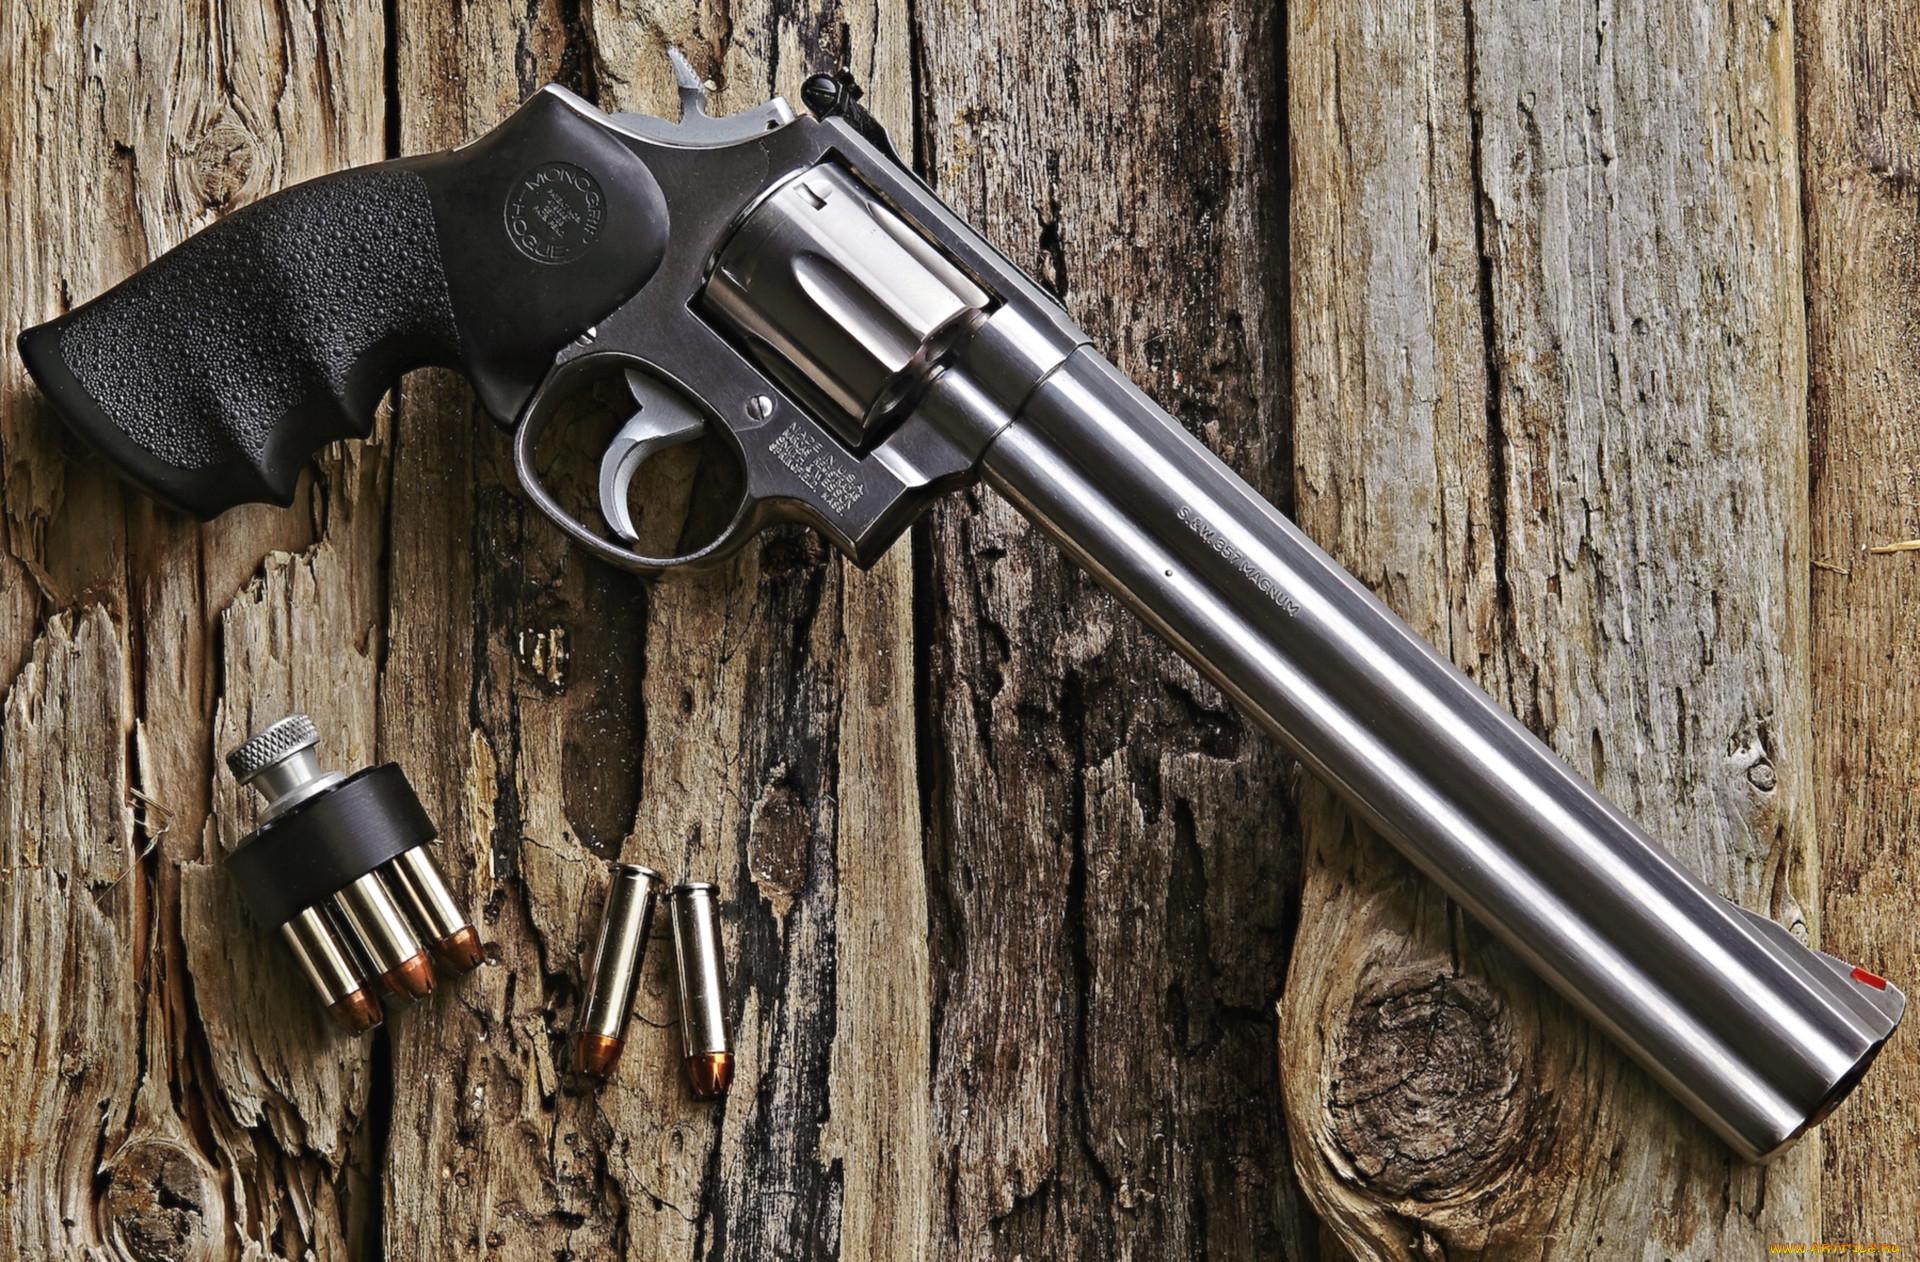 русалка рыбка фото обычного черного ствола револьвера хотите инвестировать барочную